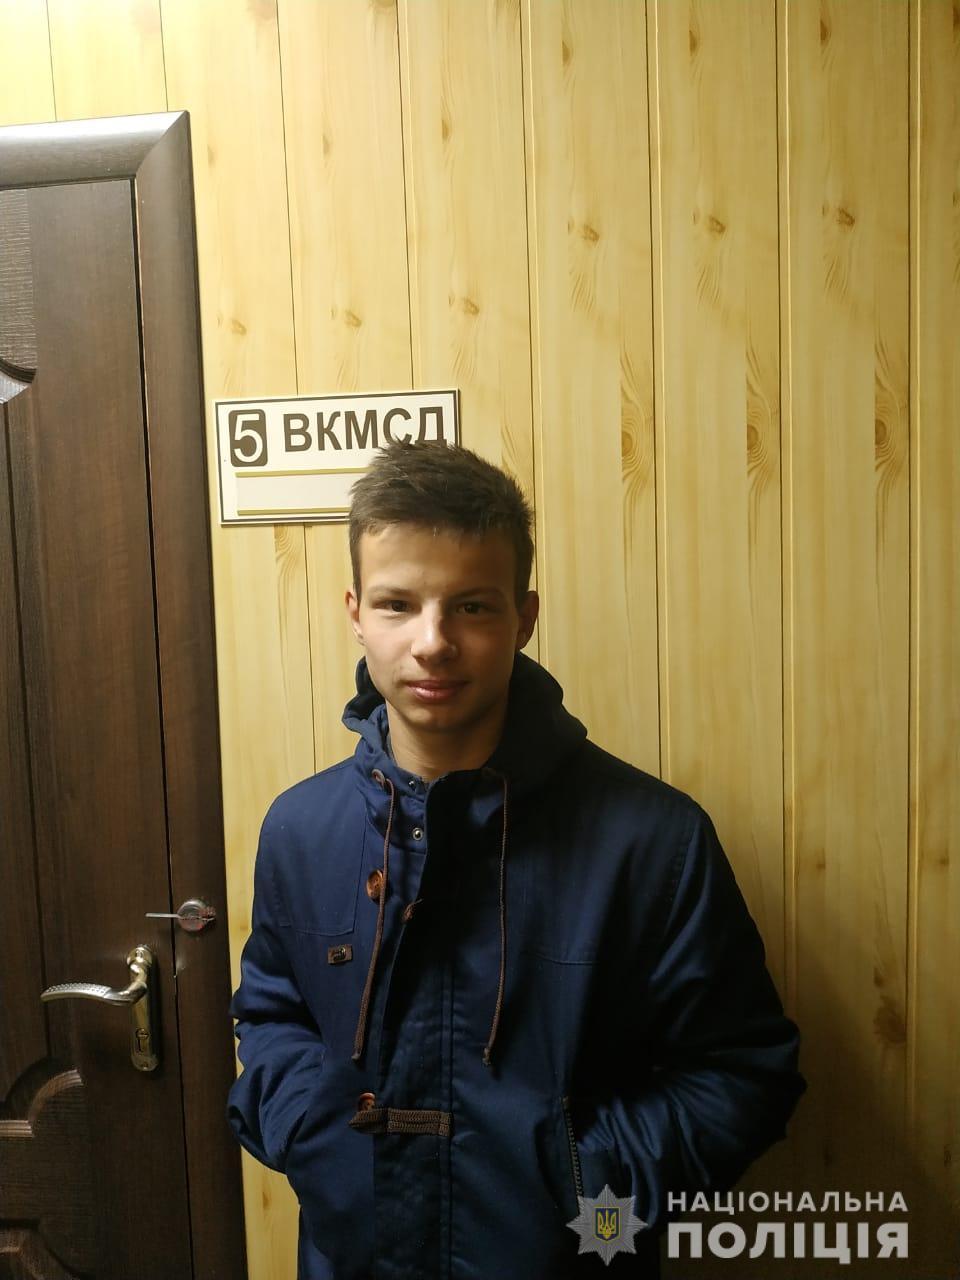 Полиция разыскала несовершеннолетнего, который на два дня ушел из дому